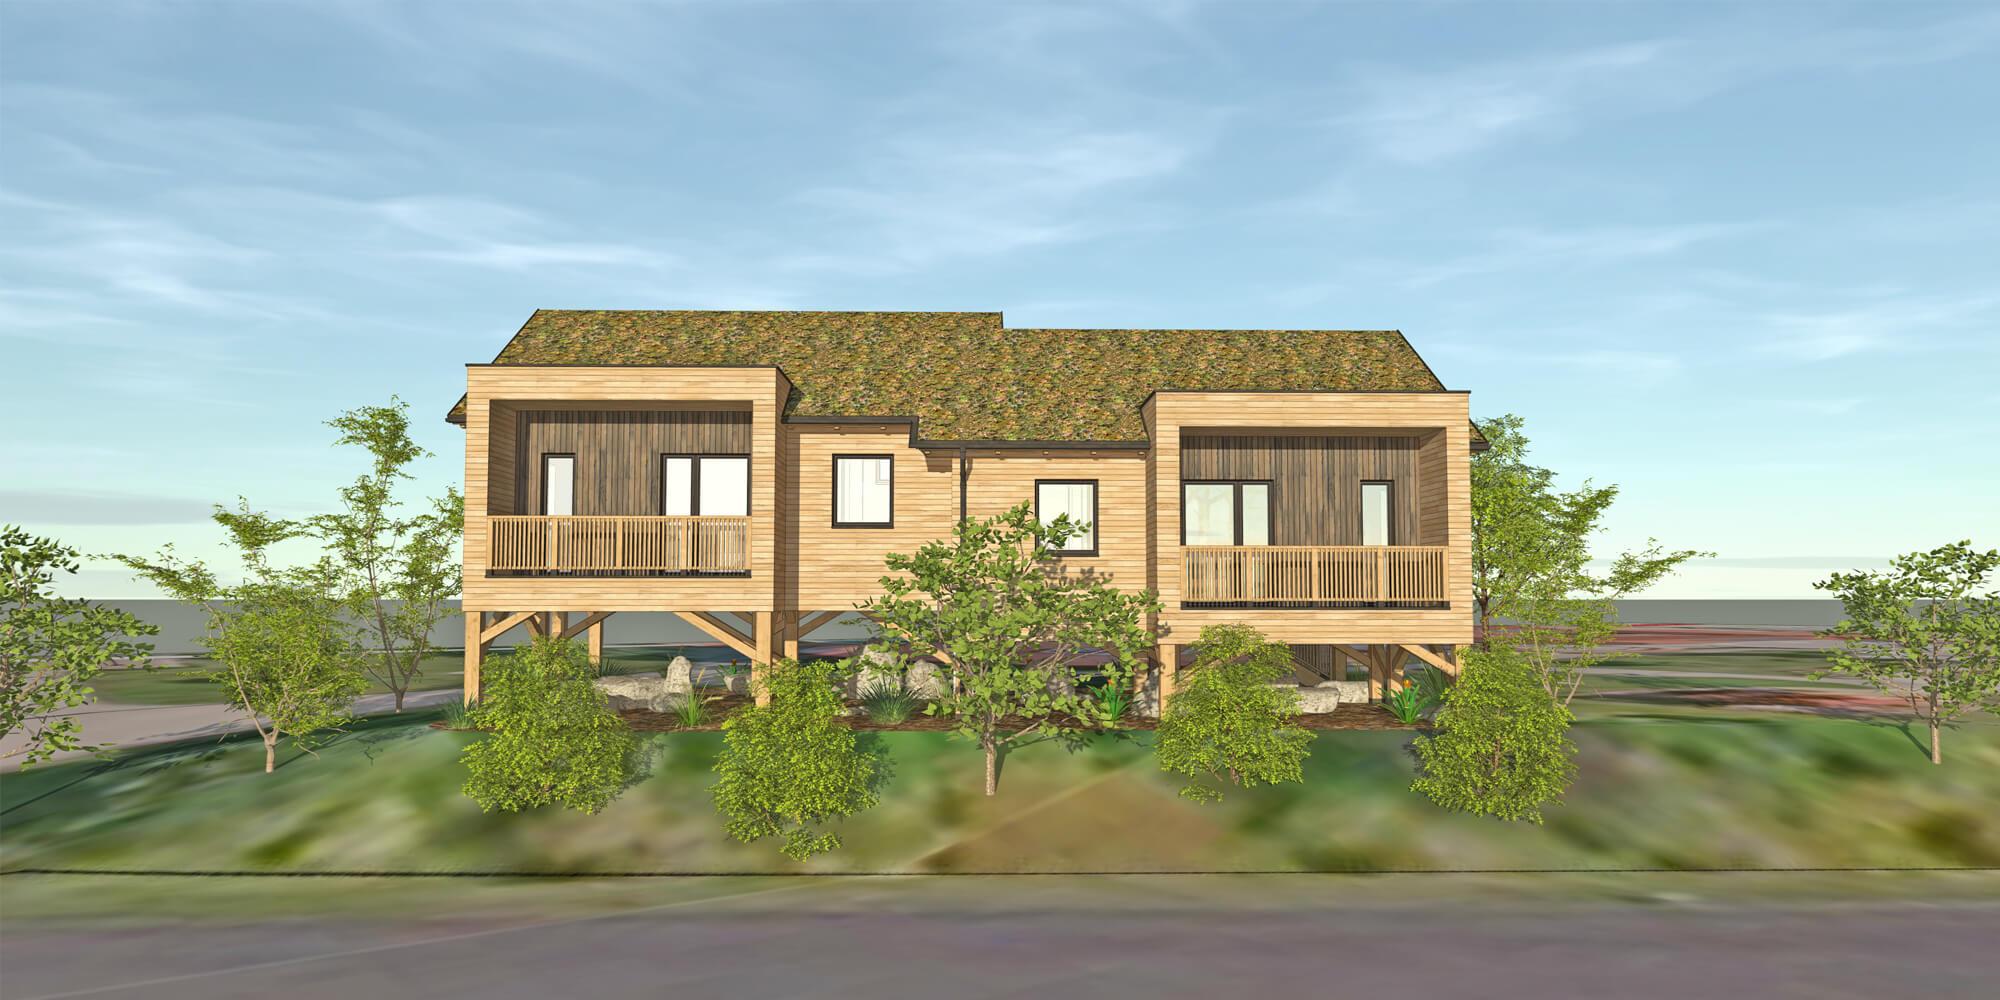 Cre-Plan-Design-Rauch-Frühmann-Architektur-Innenarchitektur-Design-Projekt-Referenz-Rund-ums-Haus-Gastroprojekt-Baumhäuser-3